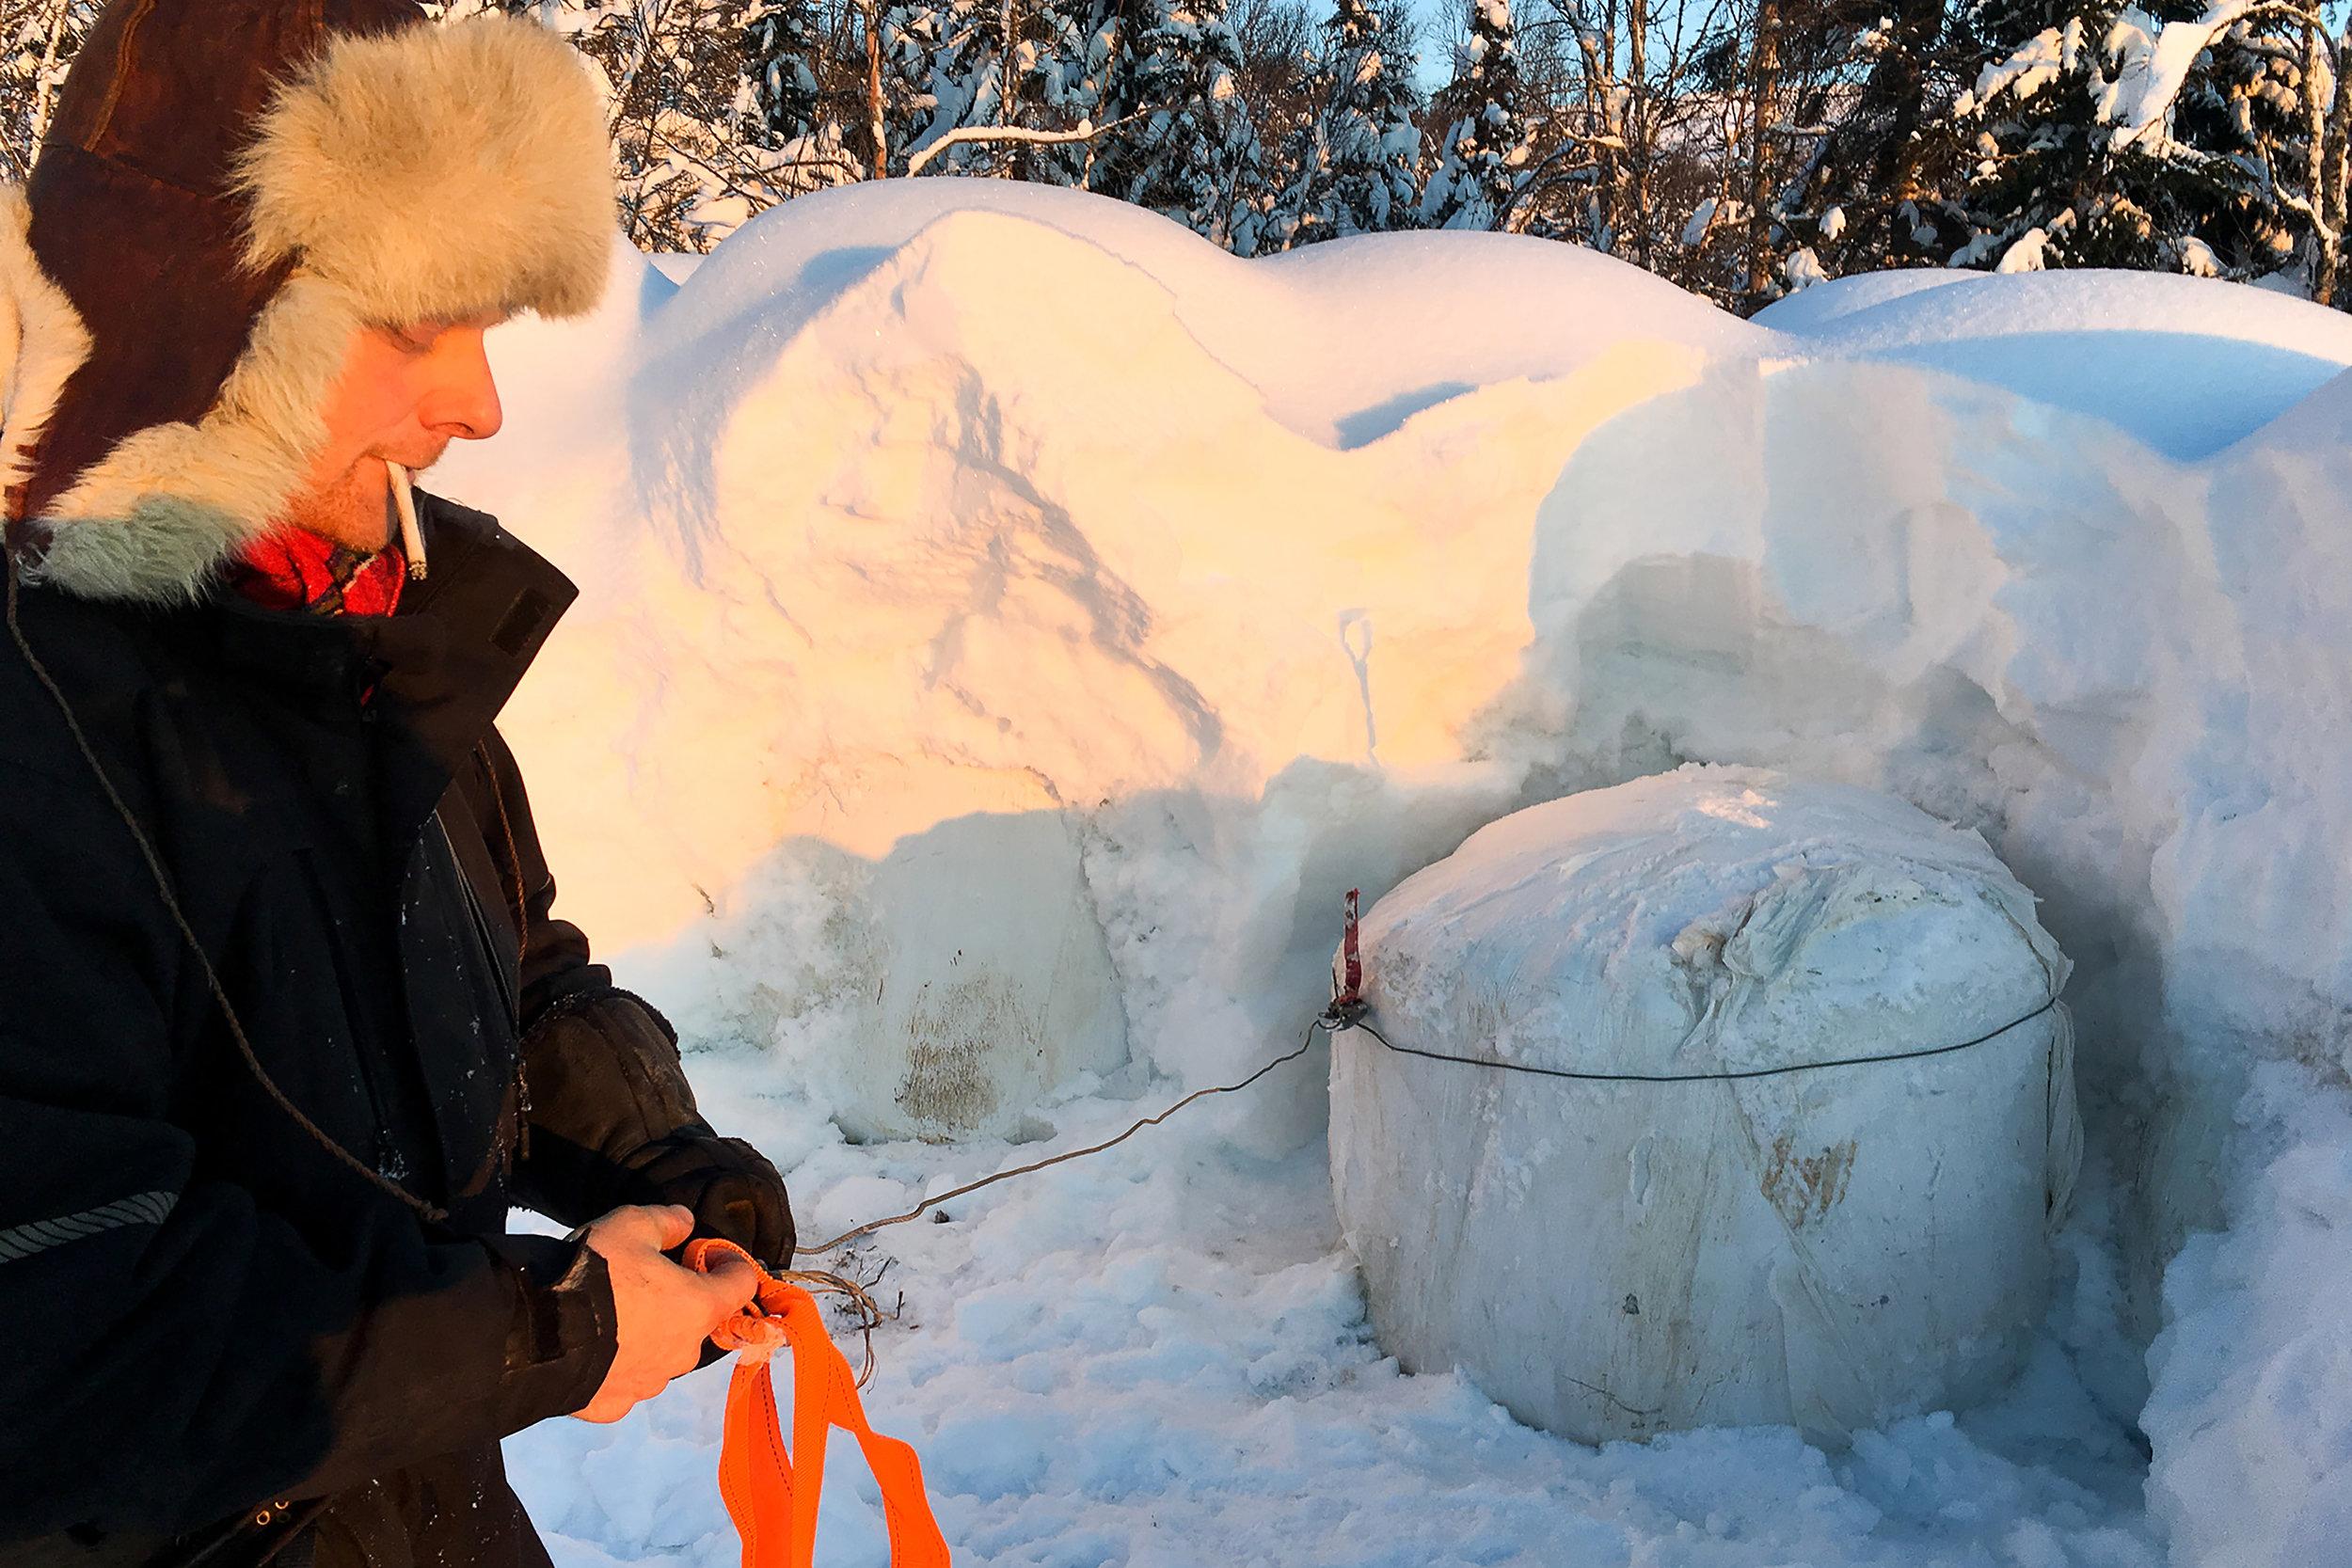 Reiulf Aleksandersen working on property